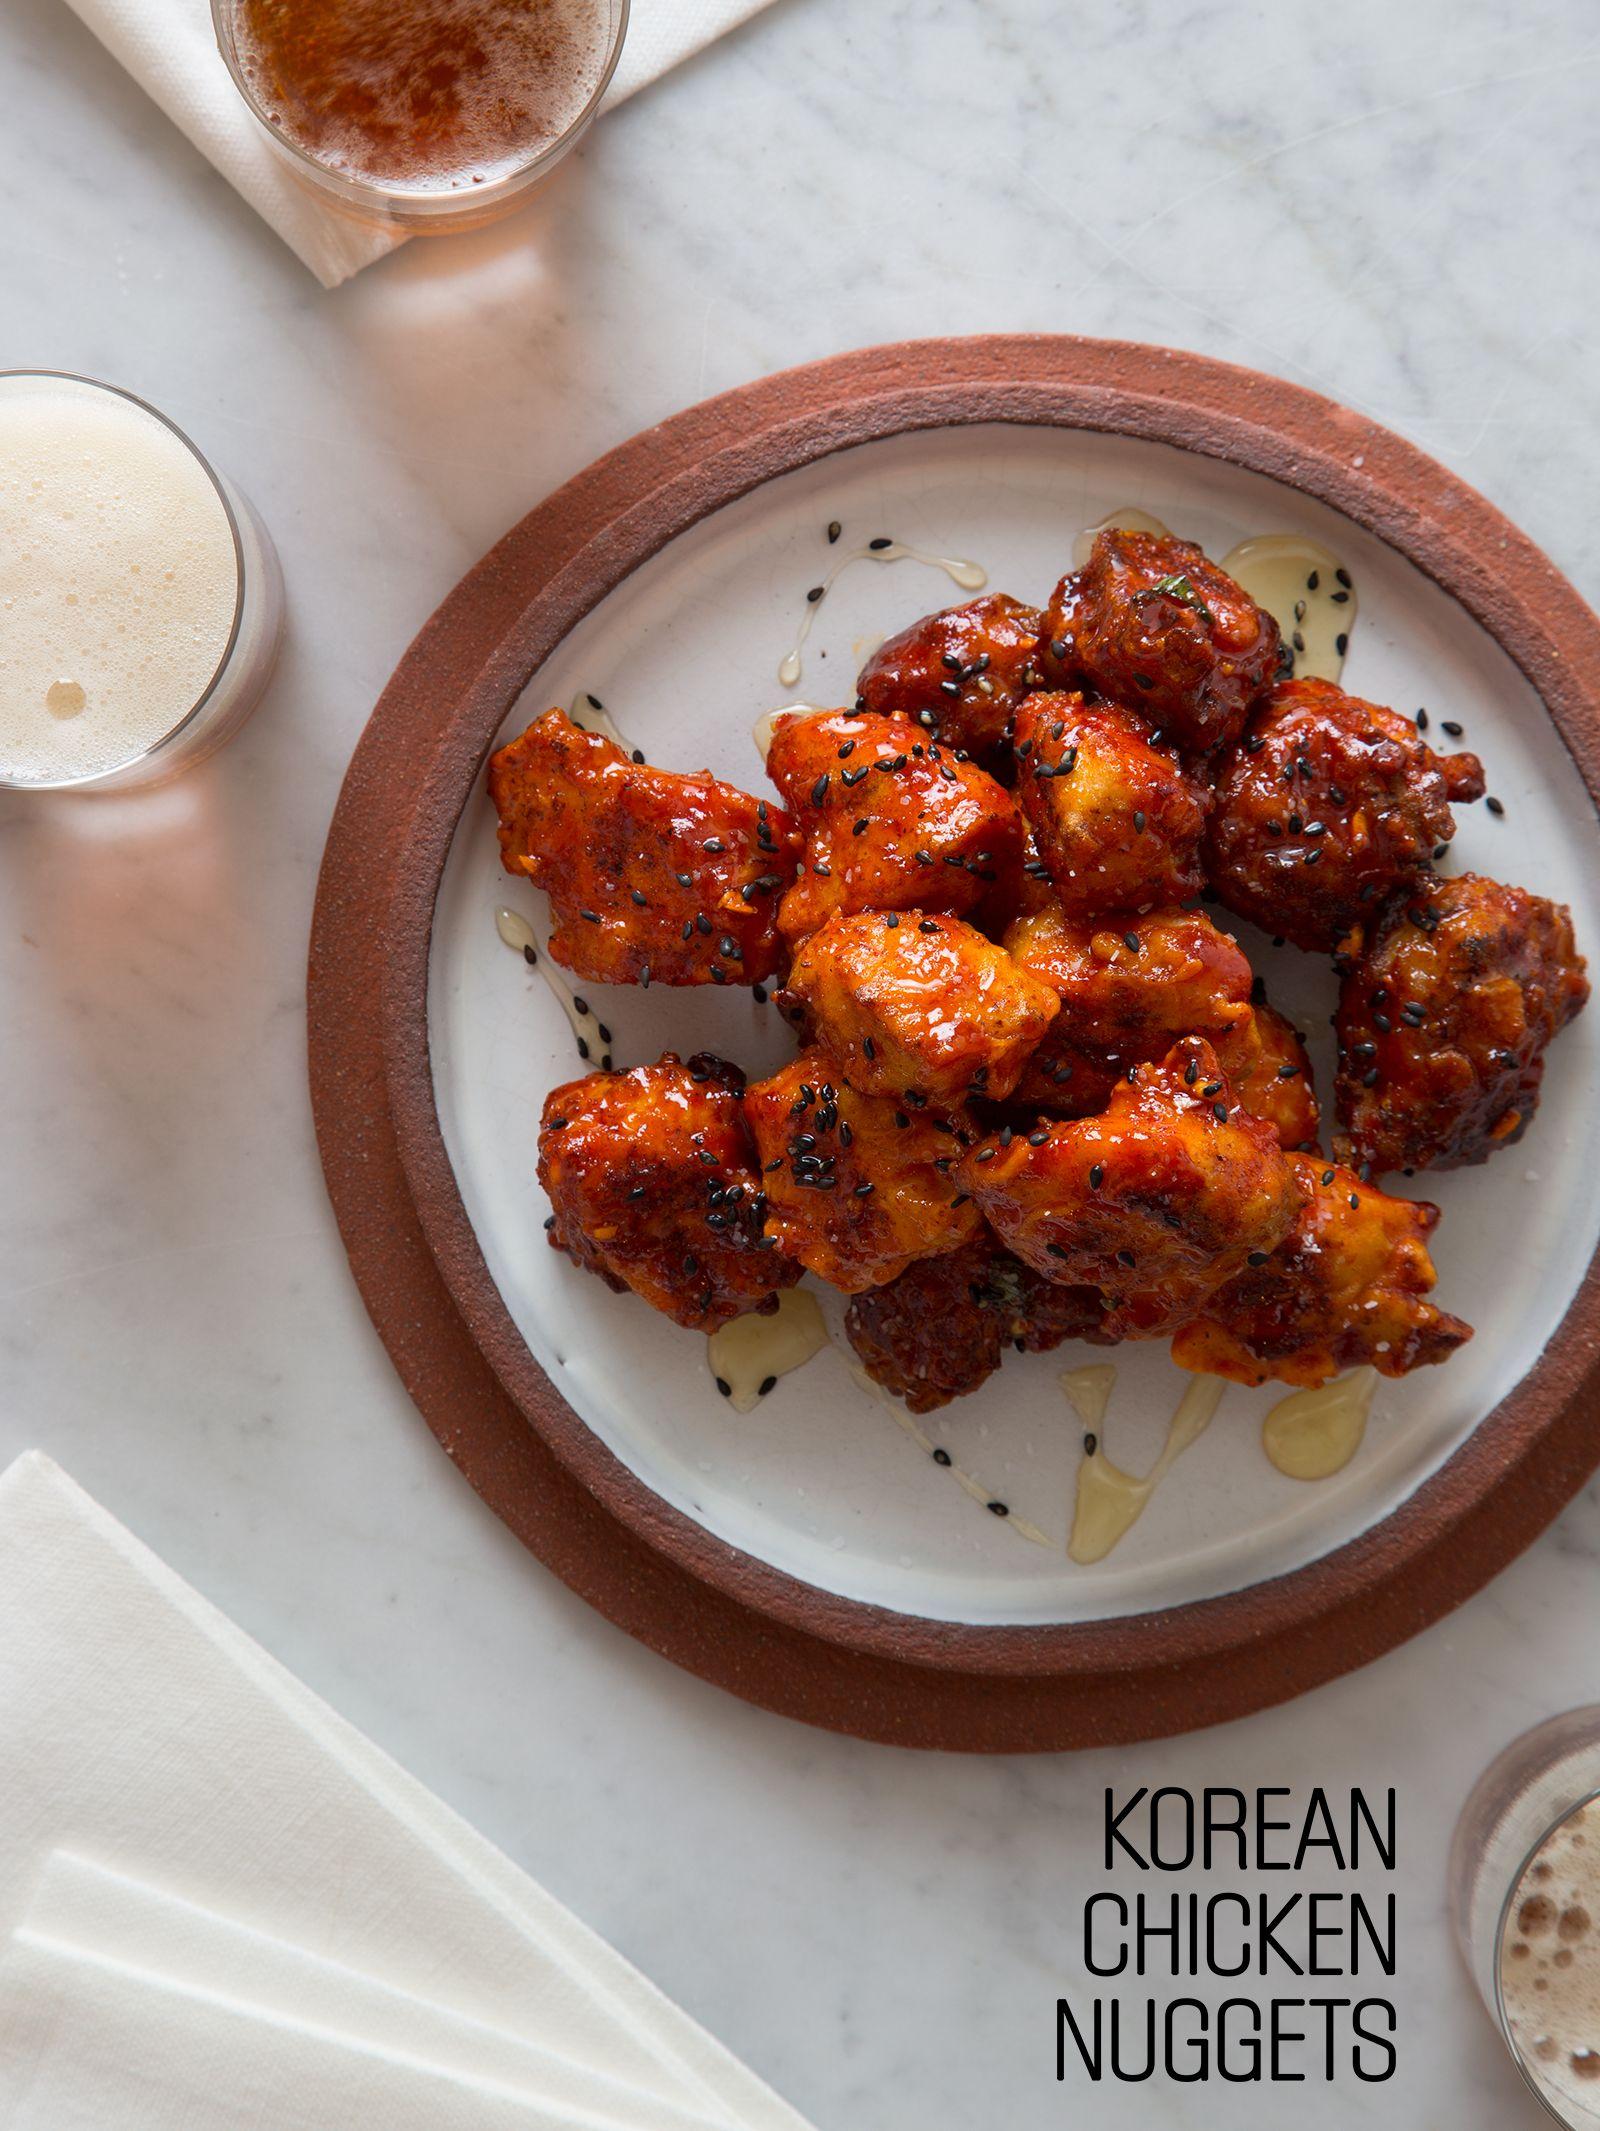 Korean Chicken Nuggets Chicken Nugget Recipeschicken